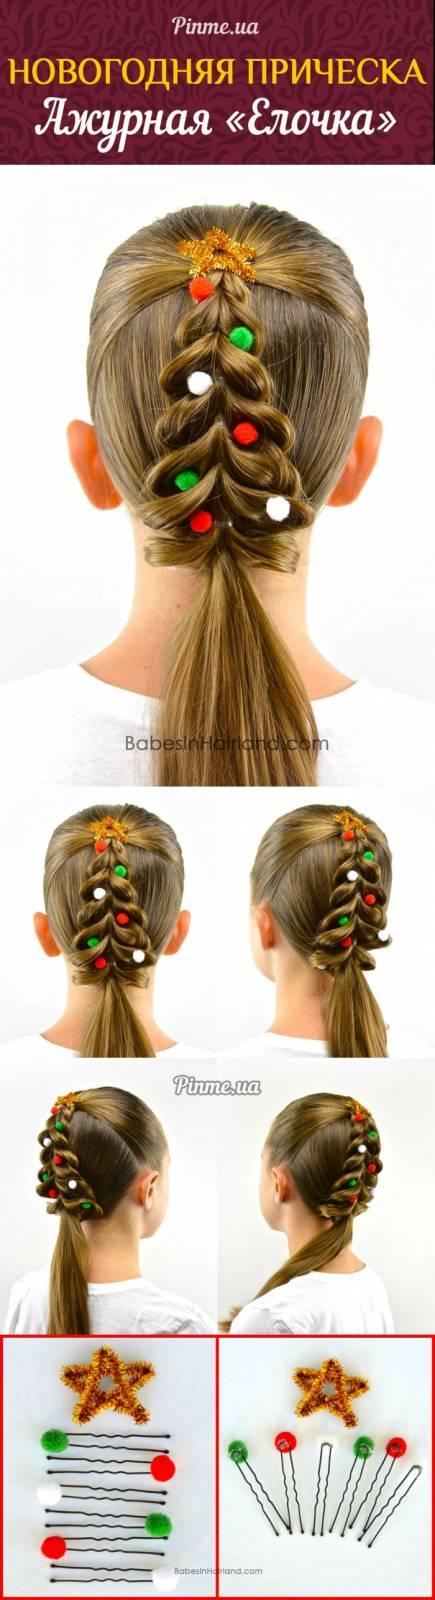 Причёски на длинные волосы в стиле стиляг